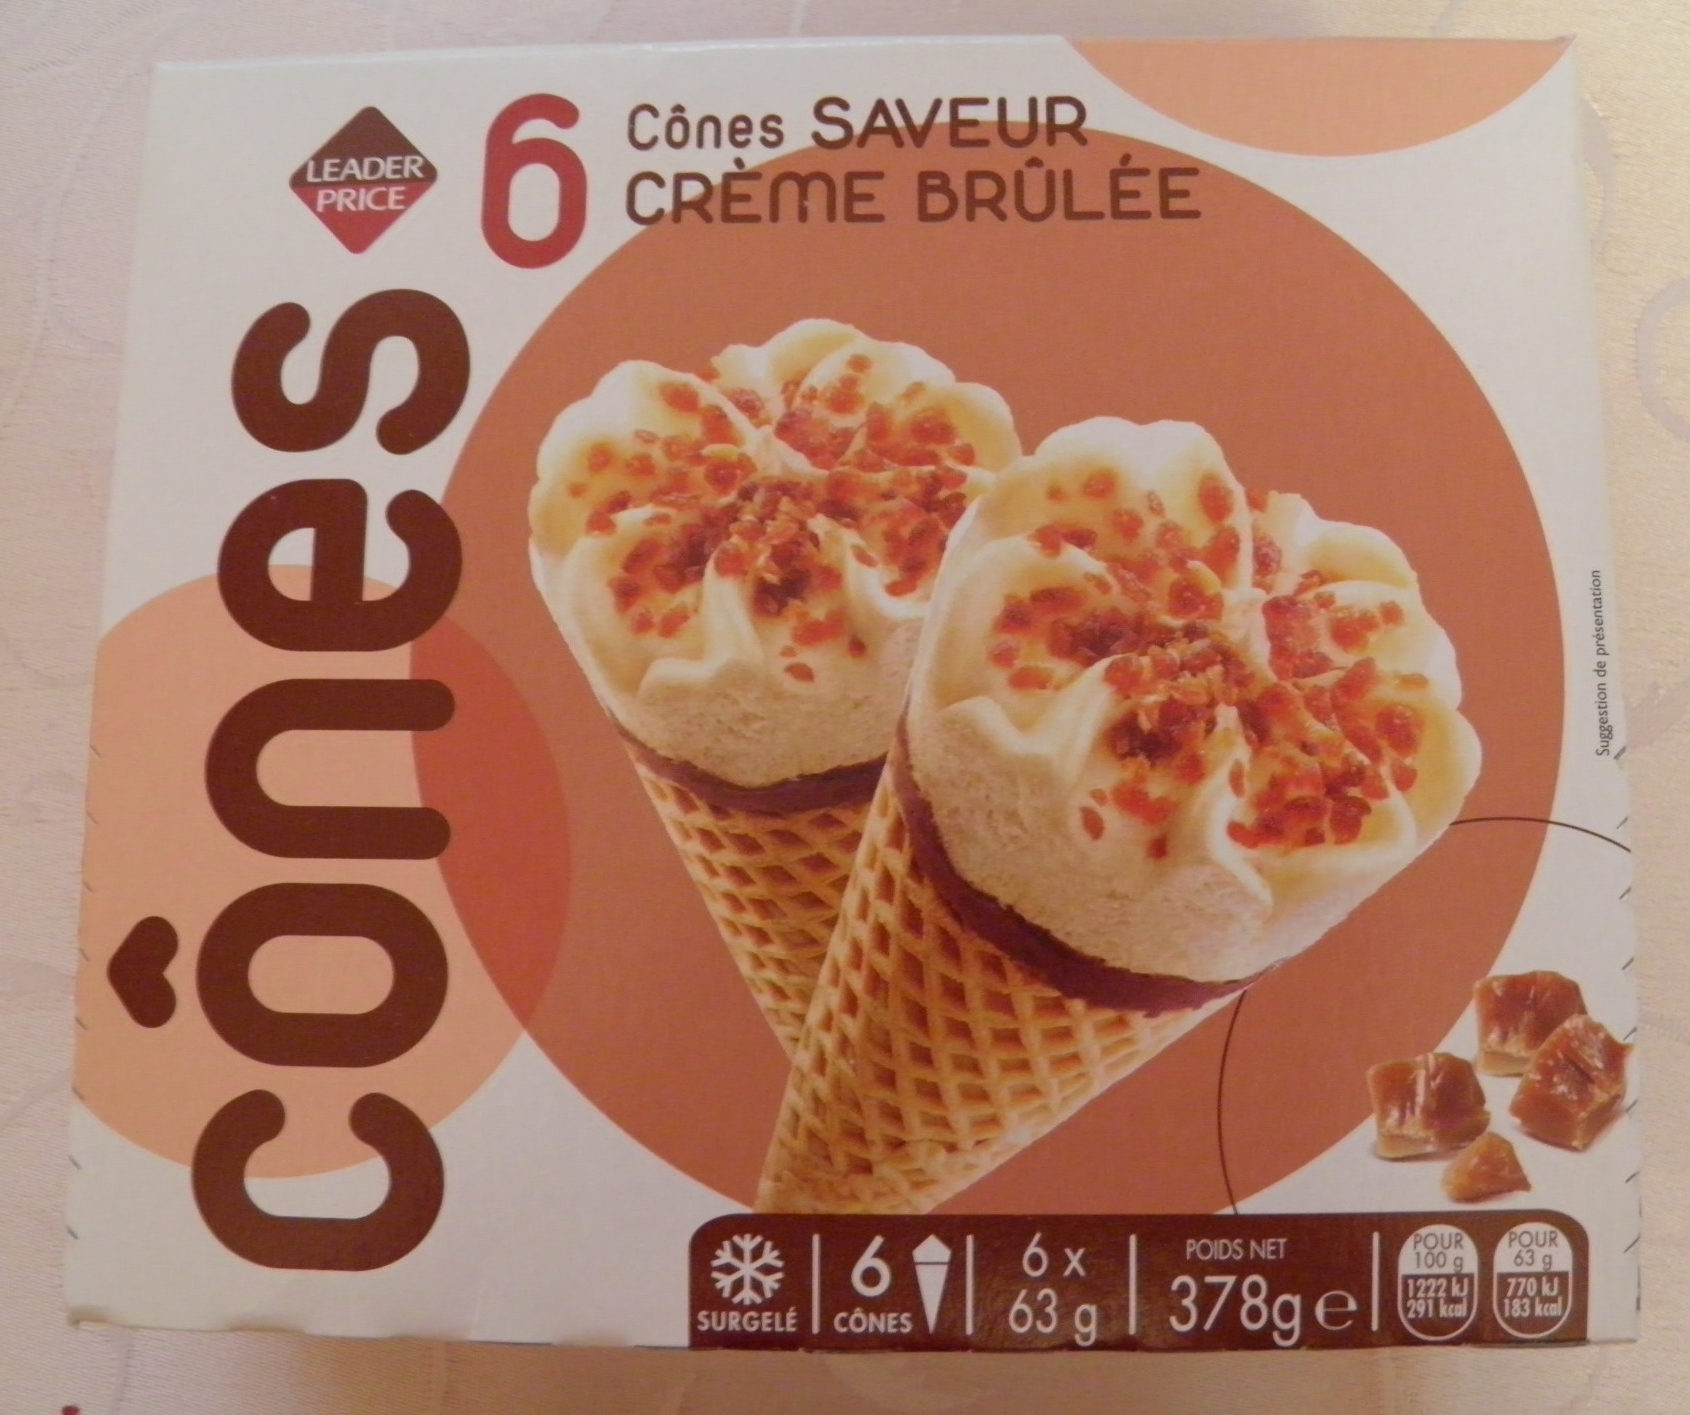 Cônes Saveur Crème brûlée - Produit